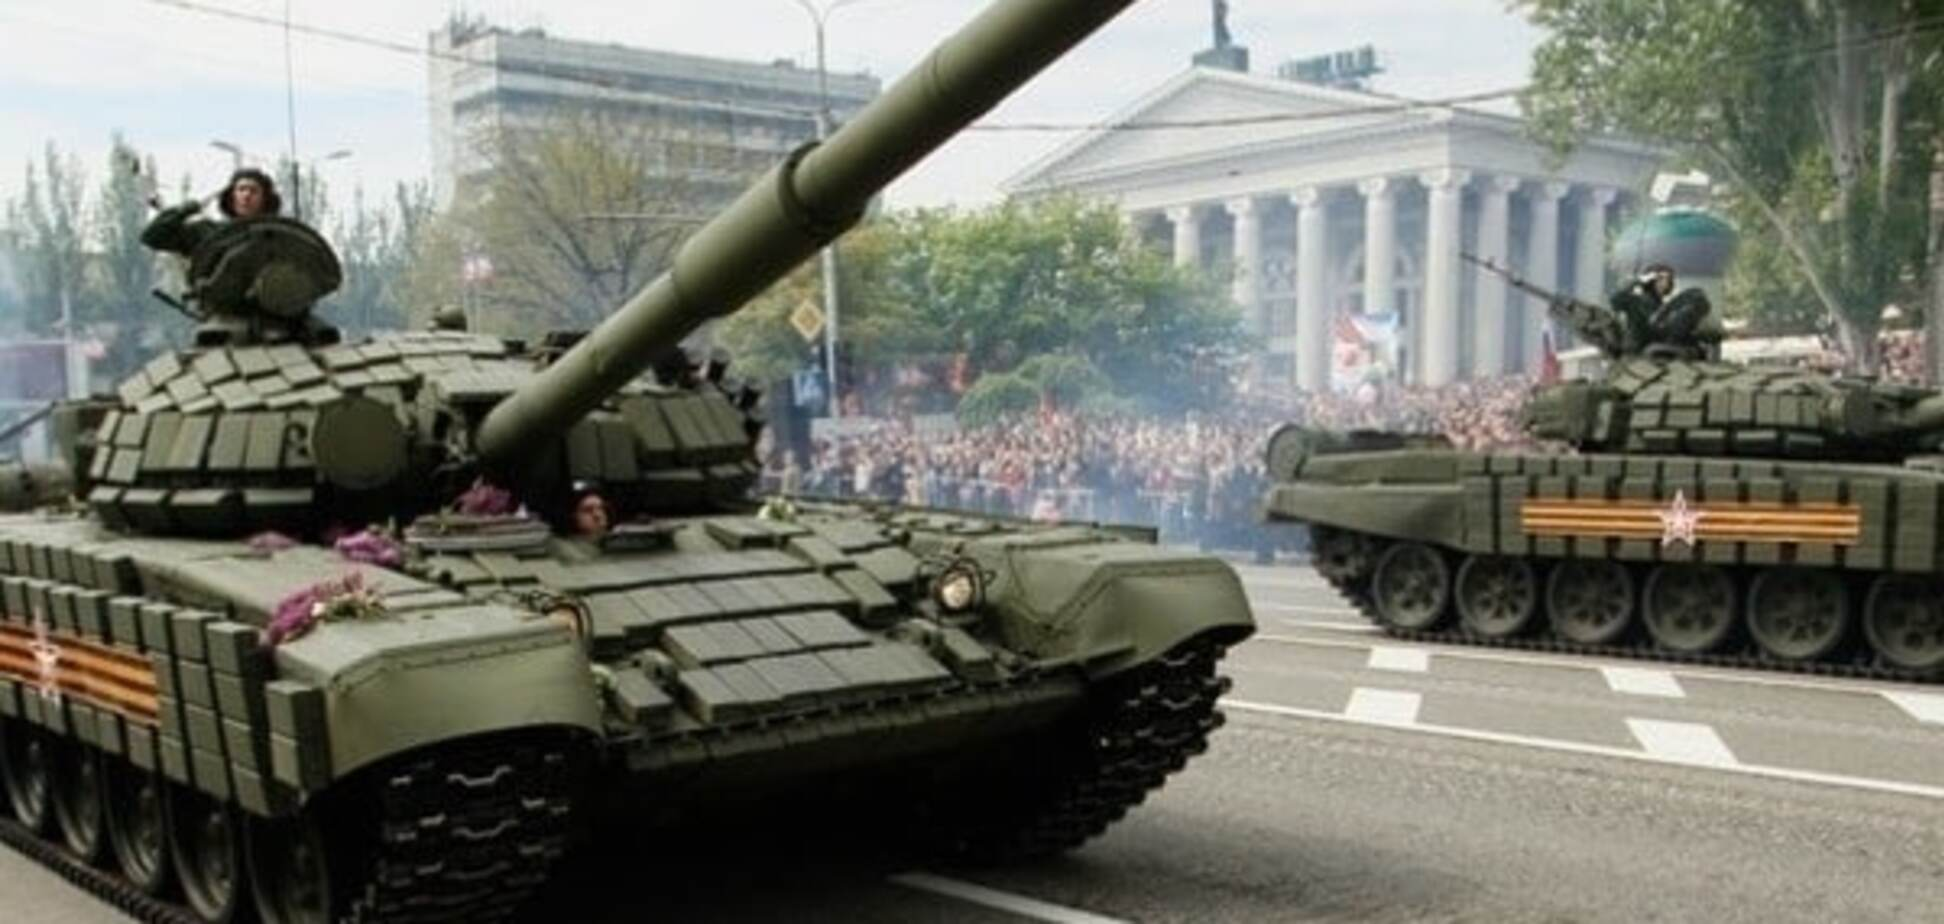 Танки і БТР: Росія перекинула на Донбас десятки одиниць військової техніки